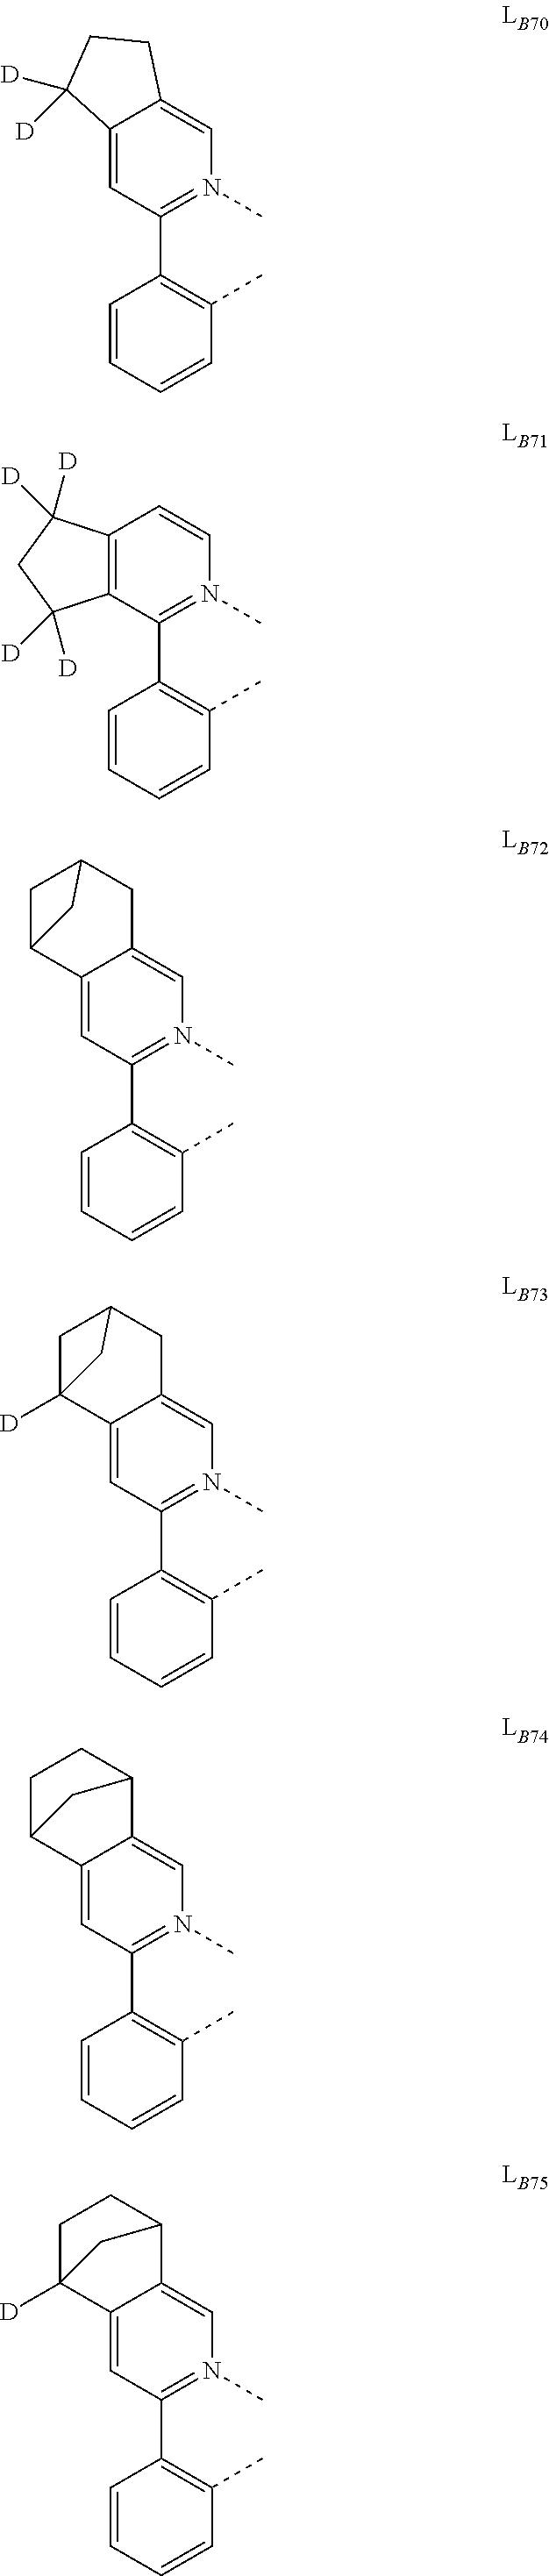 Figure US20180130962A1-20180510-C00079